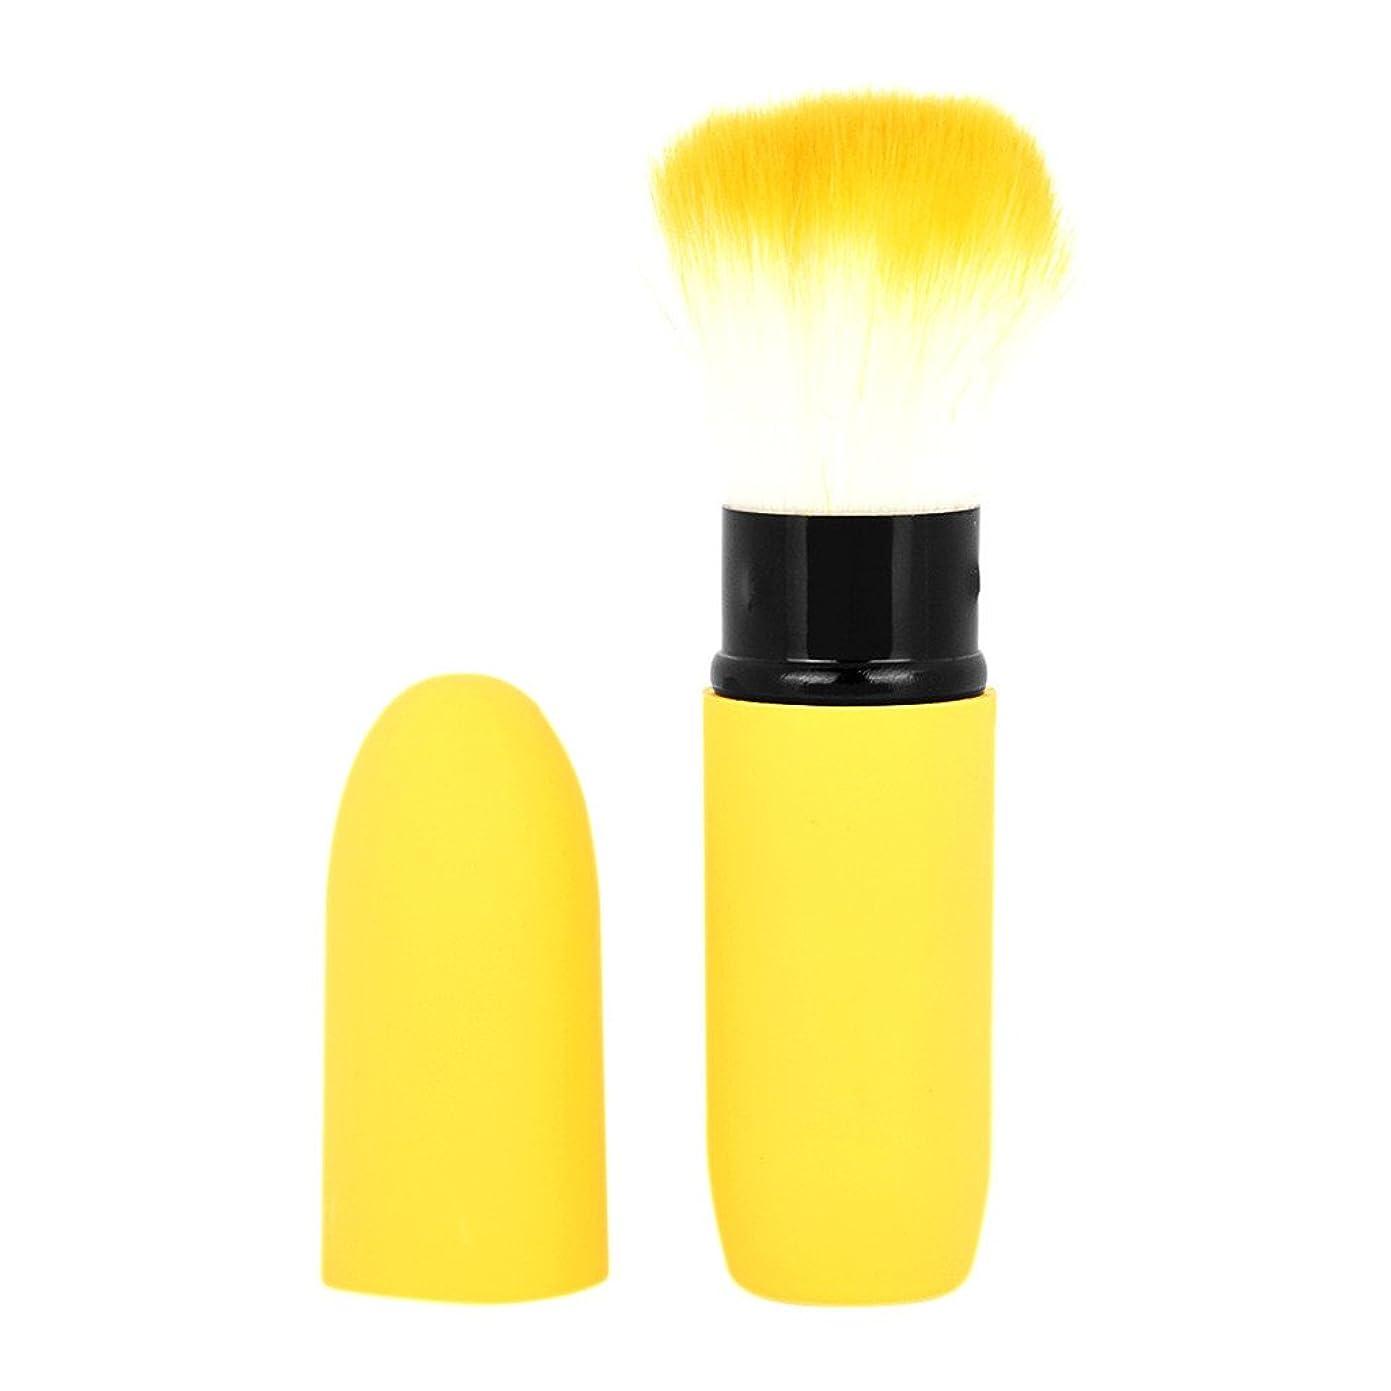 スナップ豊富シリーズ2色ファッションリトラクタブルカブキブラッシュファンデーションルーズパウダーメイクブラシ - 黄